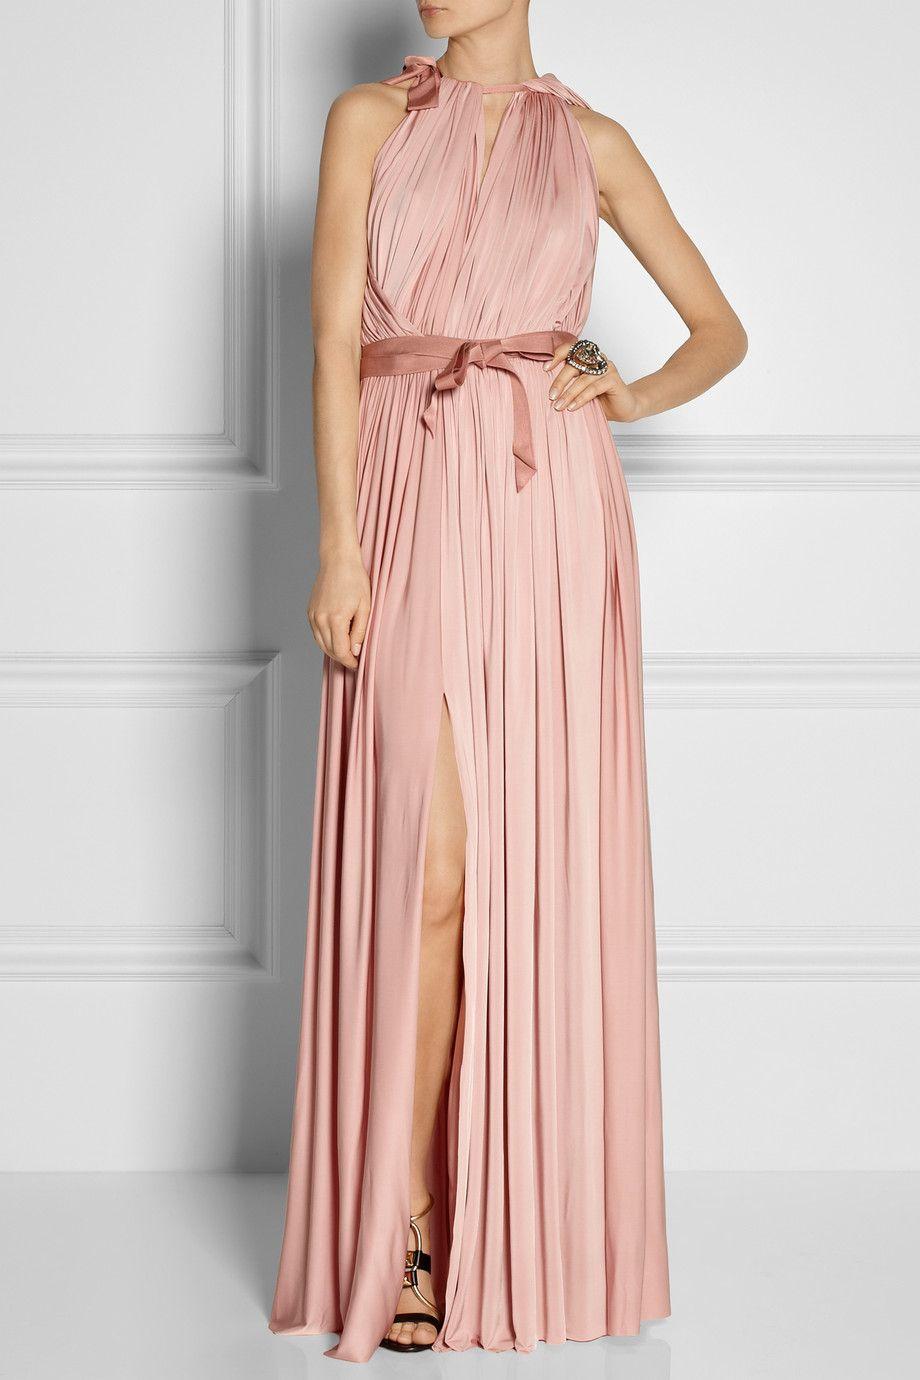 Asombroso Vestido De Novia Lanvin Colección - Colección de Vestidos ...